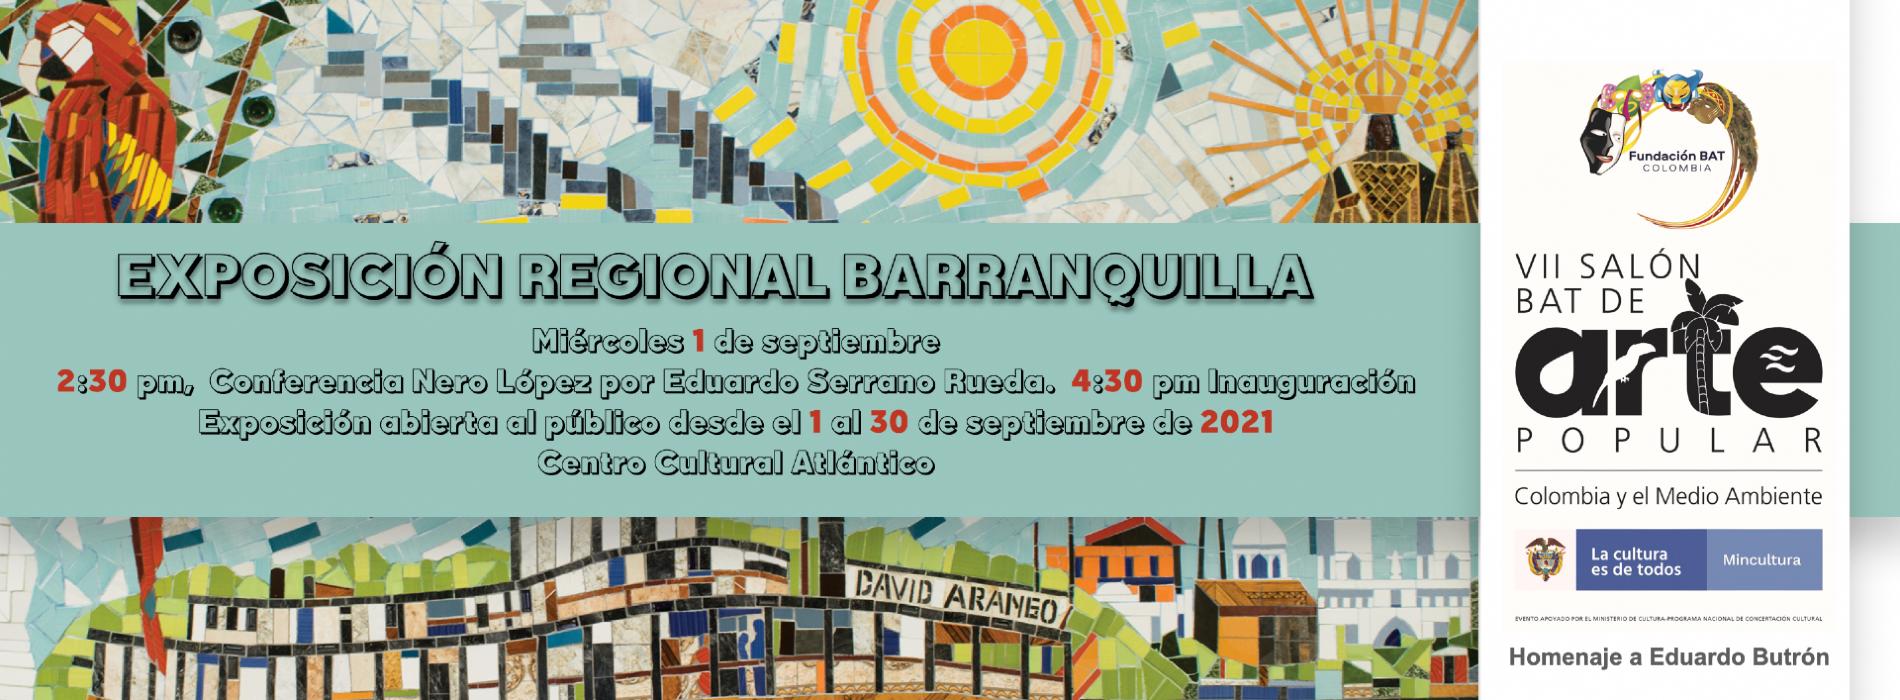 Exposición Barranquilla